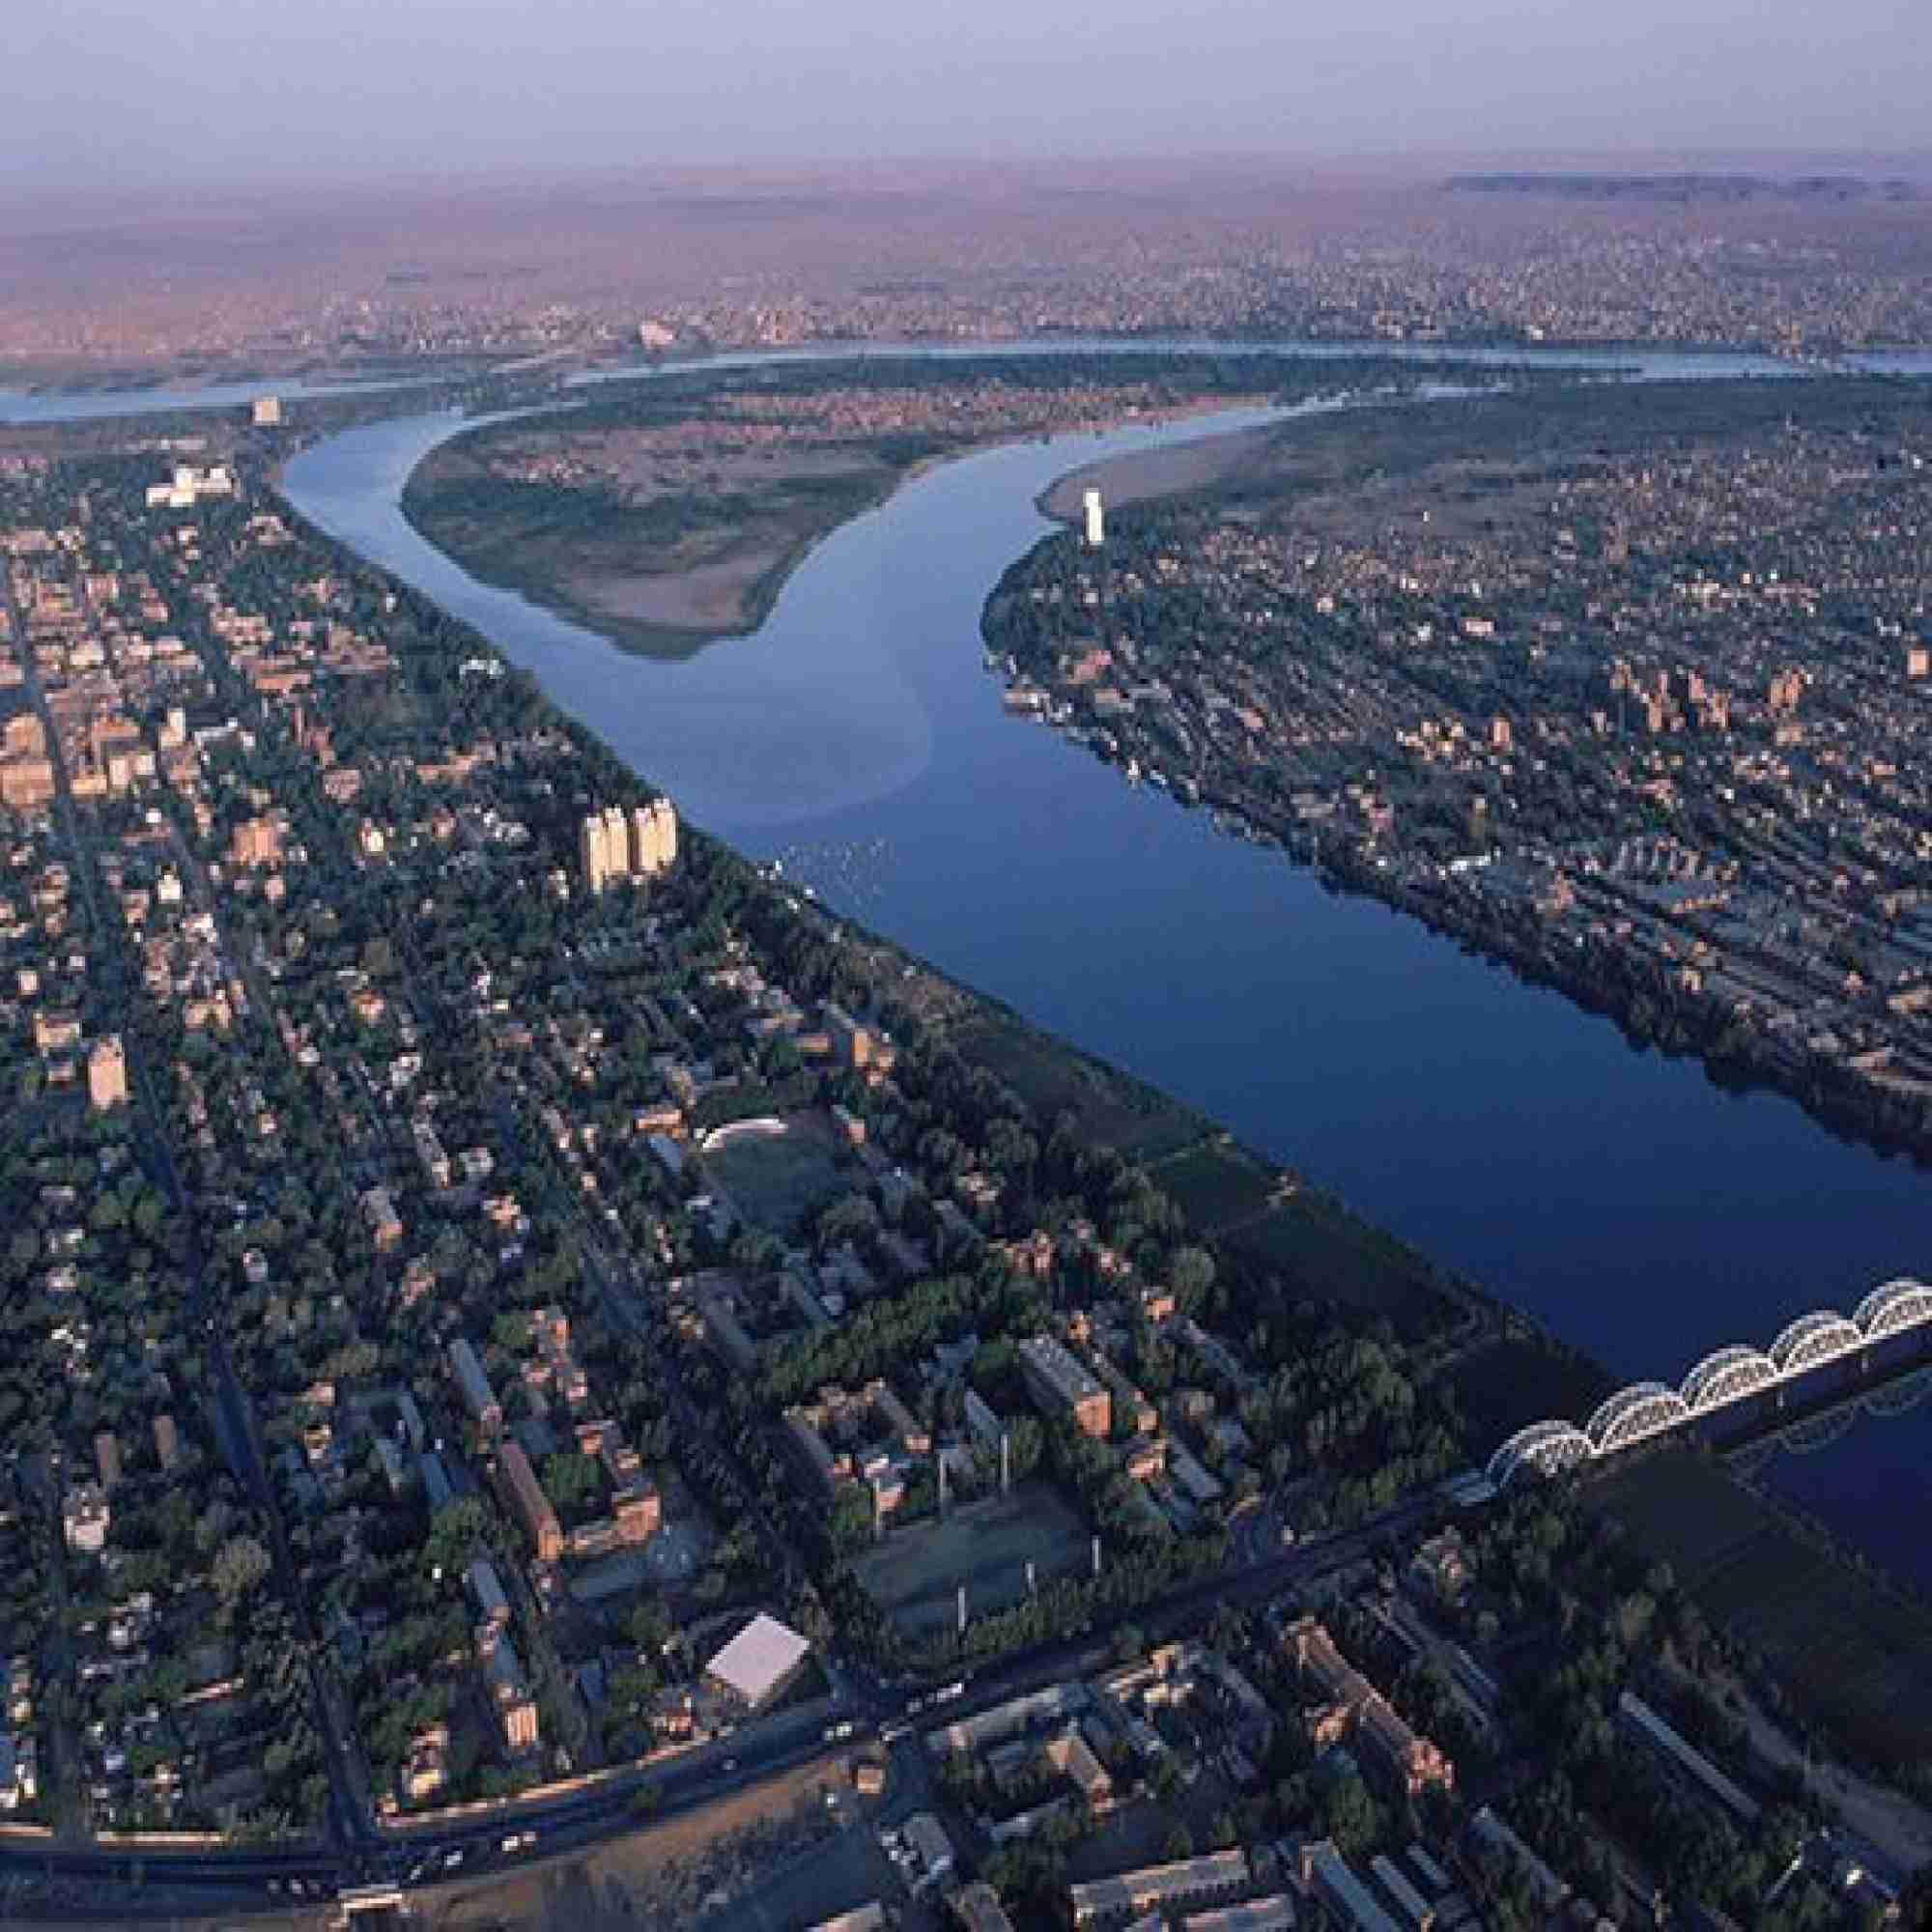 مخاطر سد النهضة على مصر - سد النهضة الكبير في إثيوبيا يتحدى موقف مصر